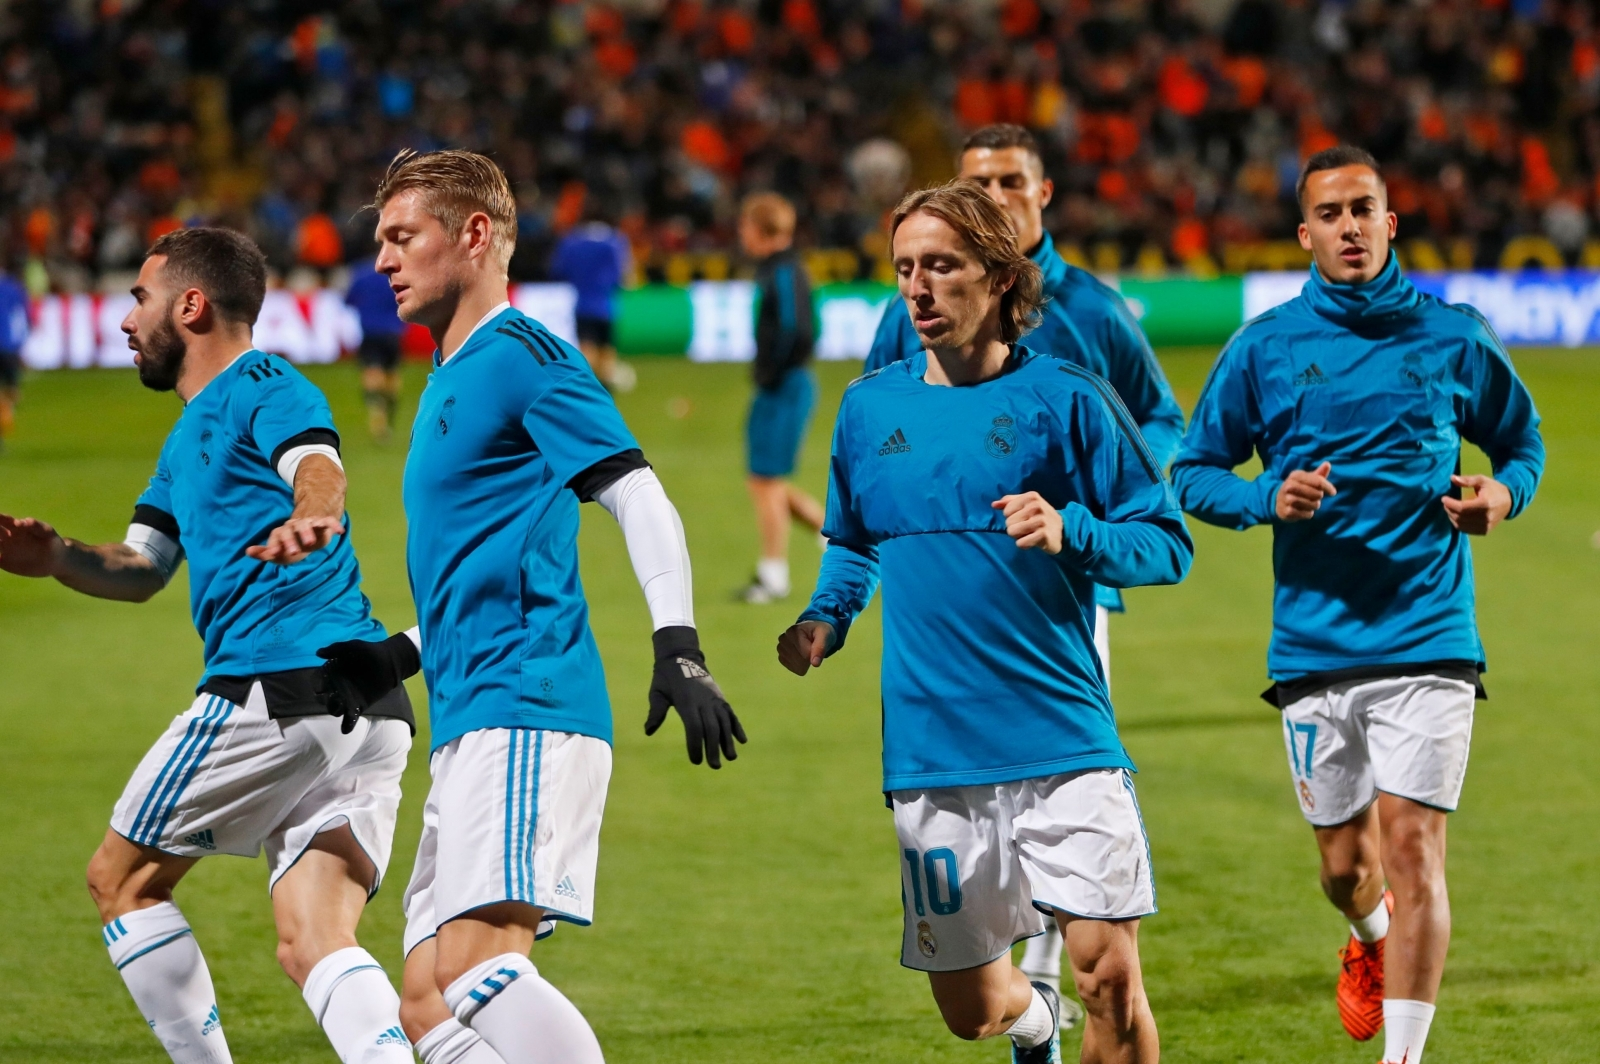 Luka Modric and Toni Kroos